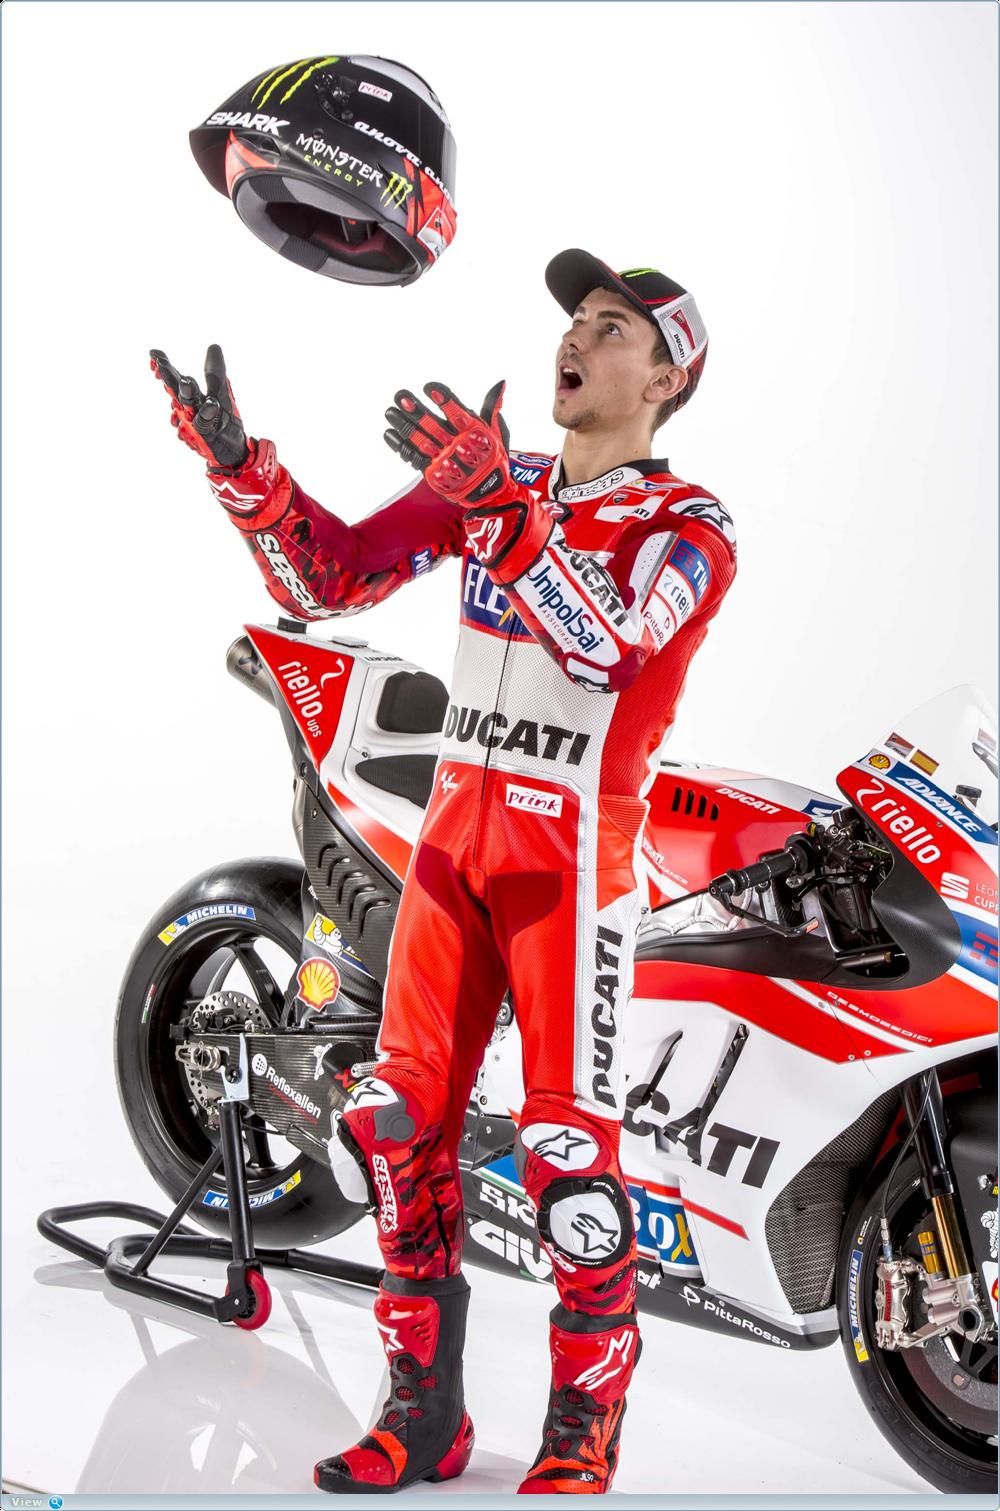 Качественные фотографии презентации команды Ducati Corse MotoGP 2017